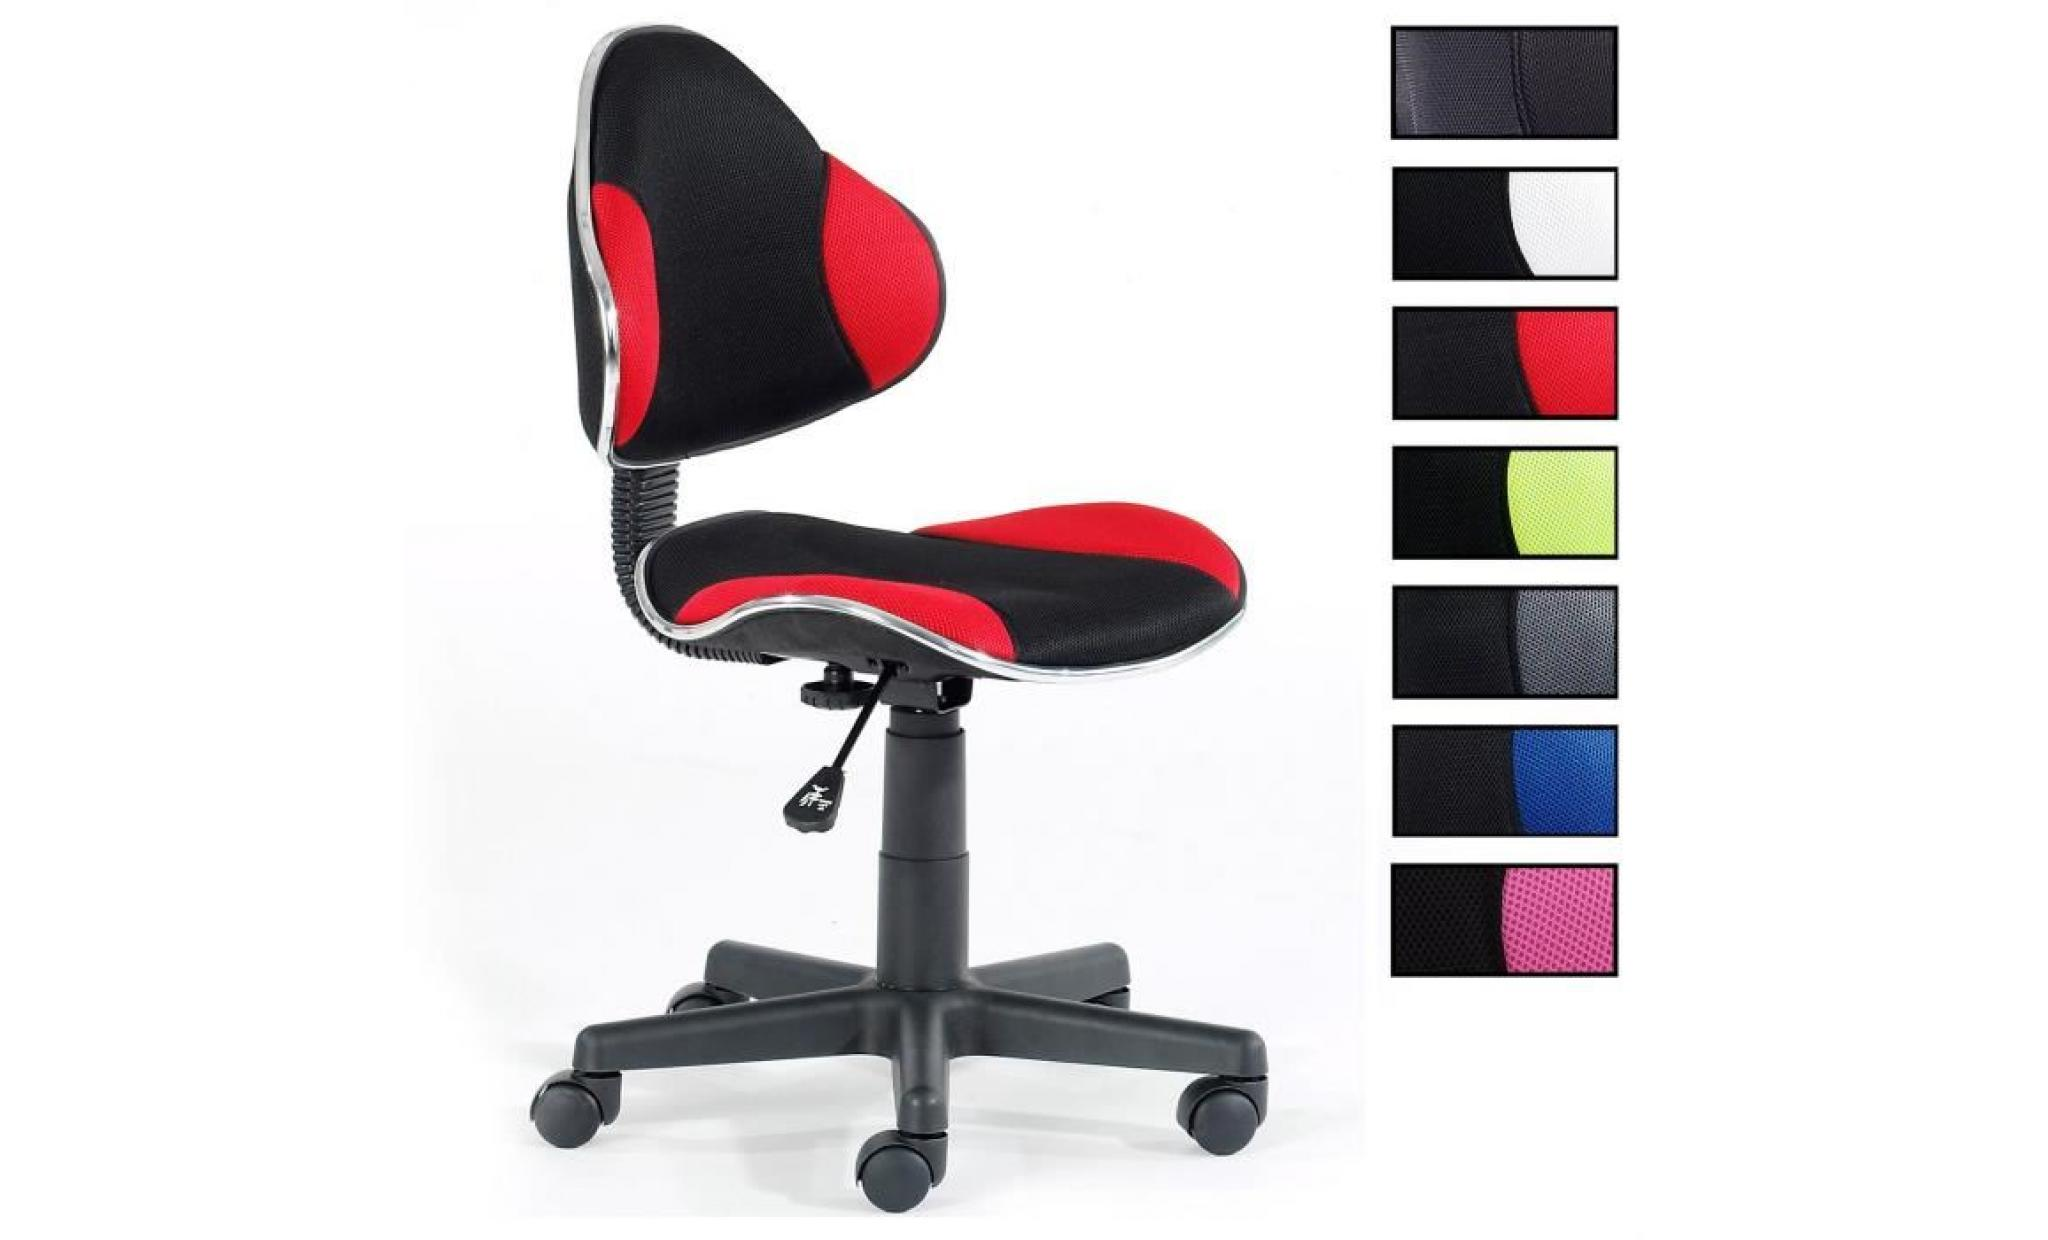 nouveau concept 0e9f3 a985f chaise de bureau pour enfant alondra fauteuil pivotant avec hauteur  réglable, revêtement en mesh noir/rouge